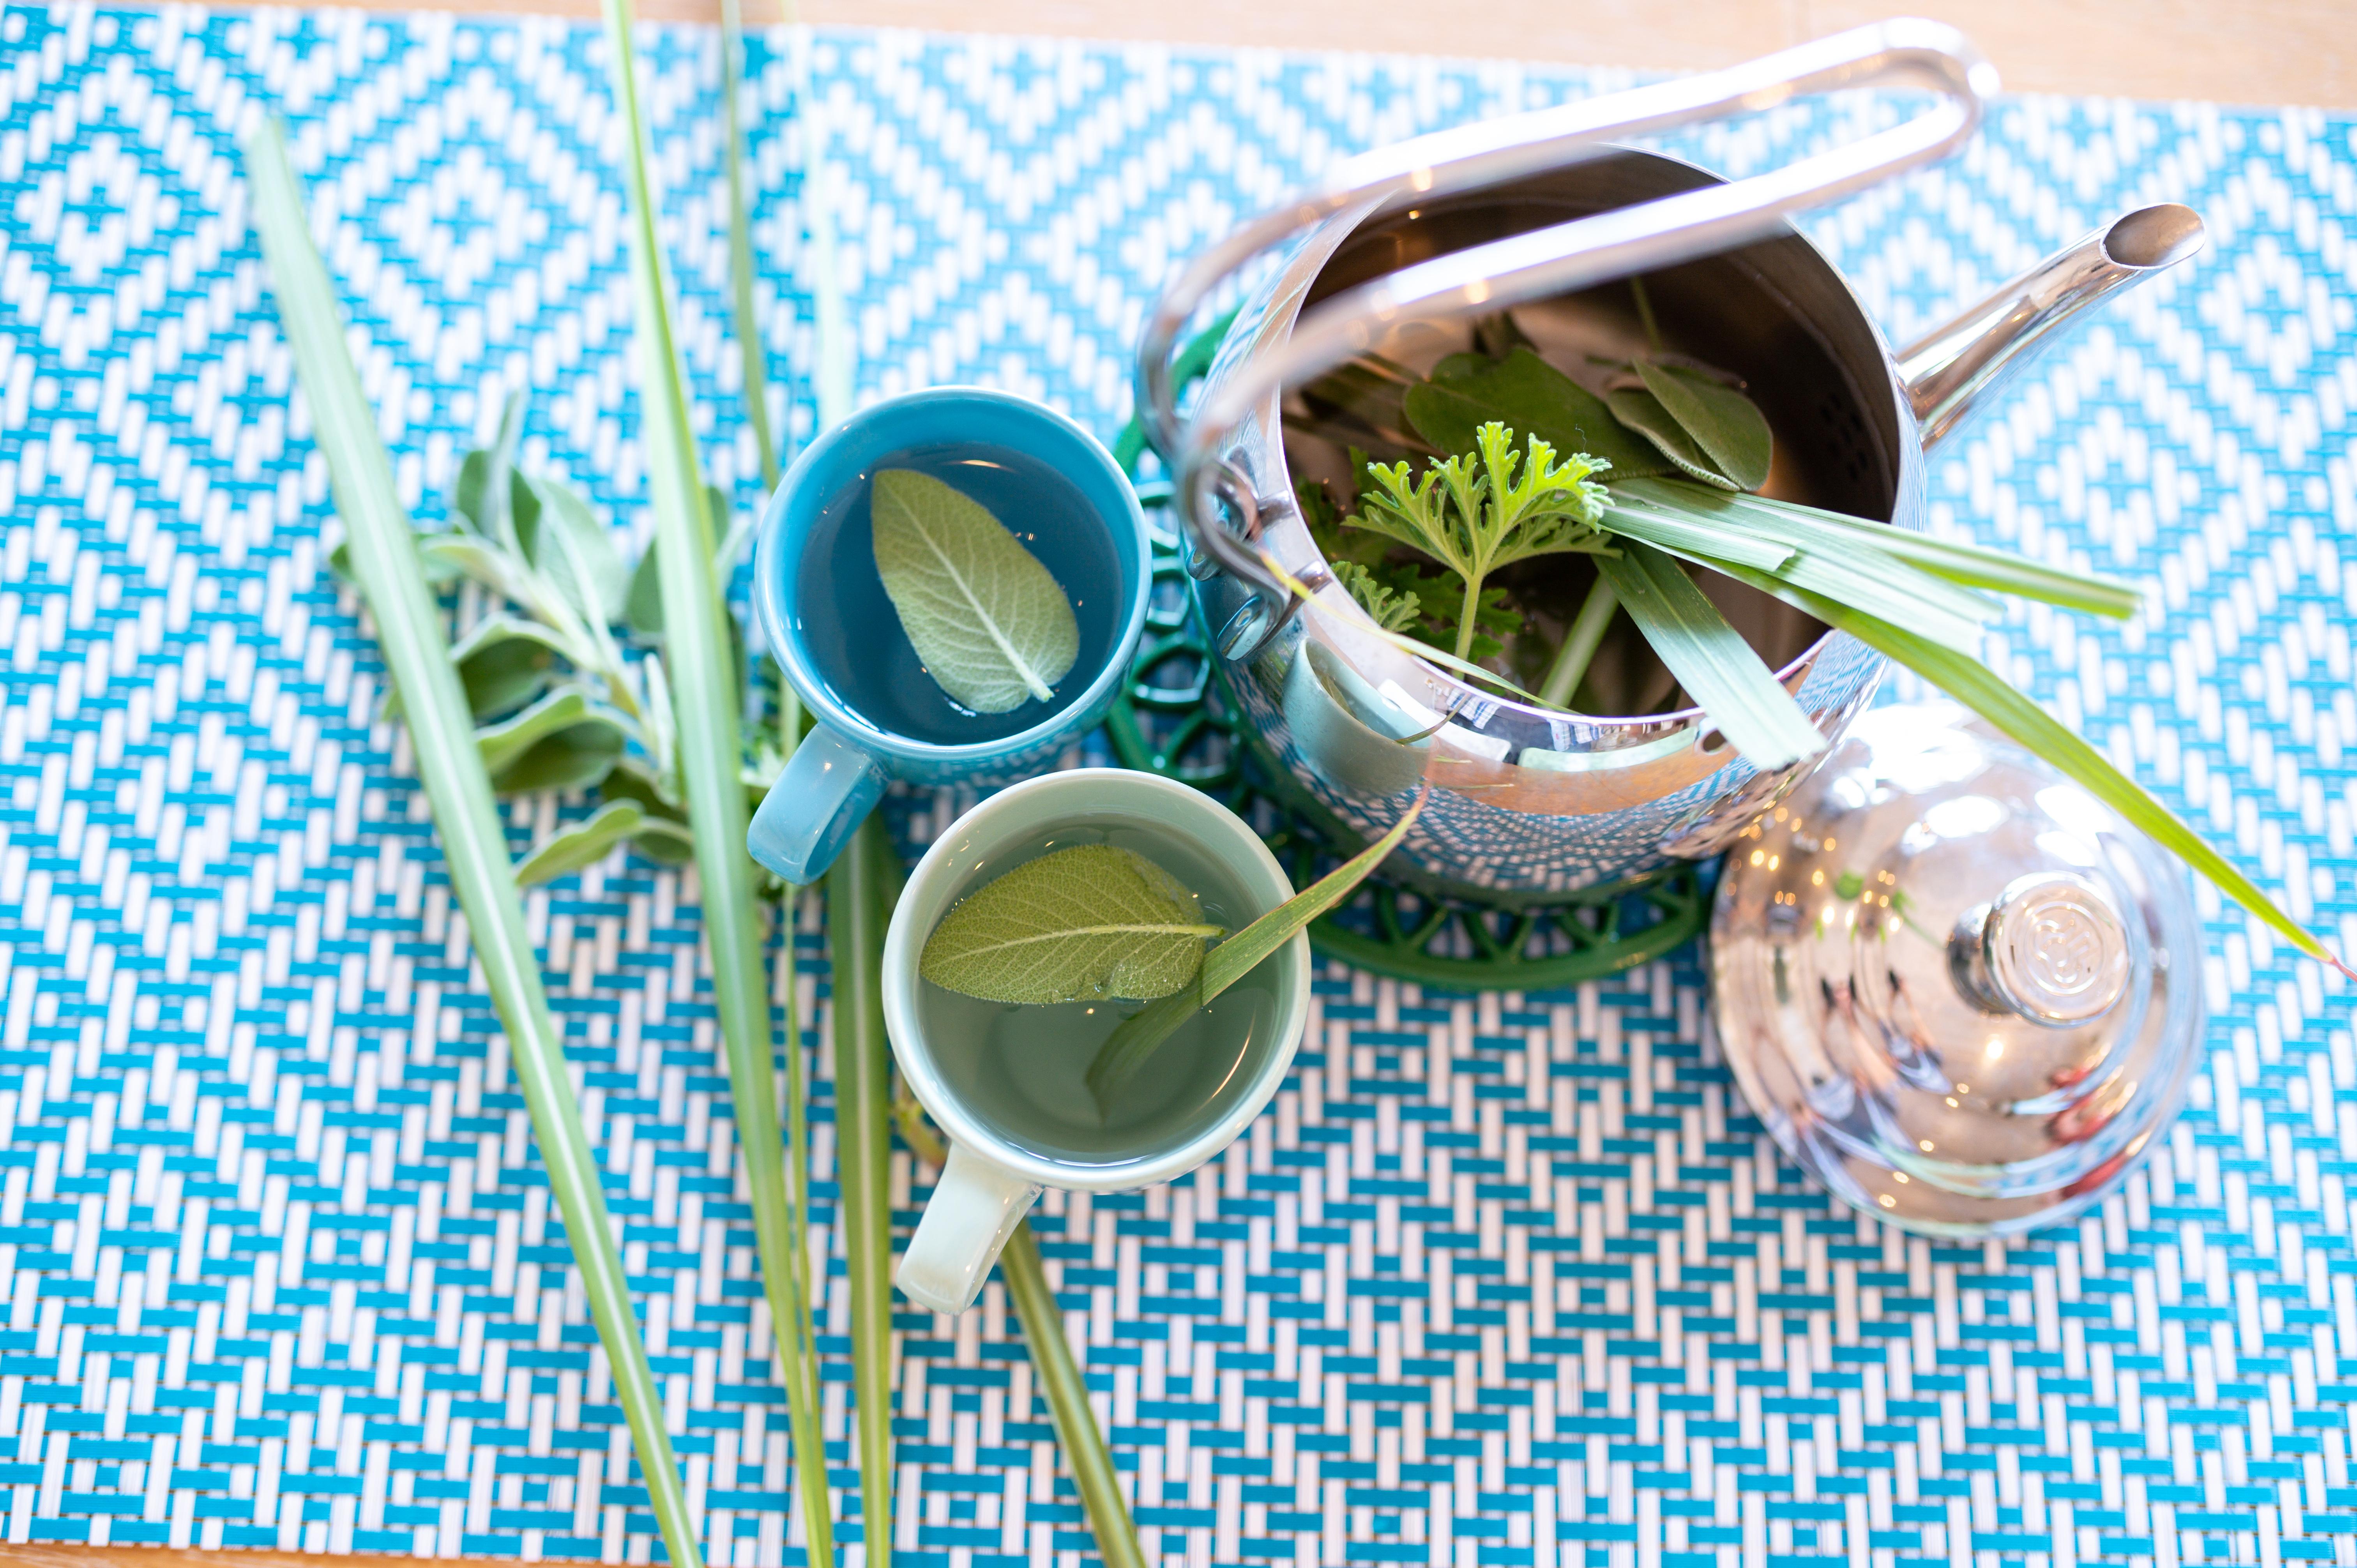 נחל פארן 32 - צמחים לתה וקומקום לחליטה